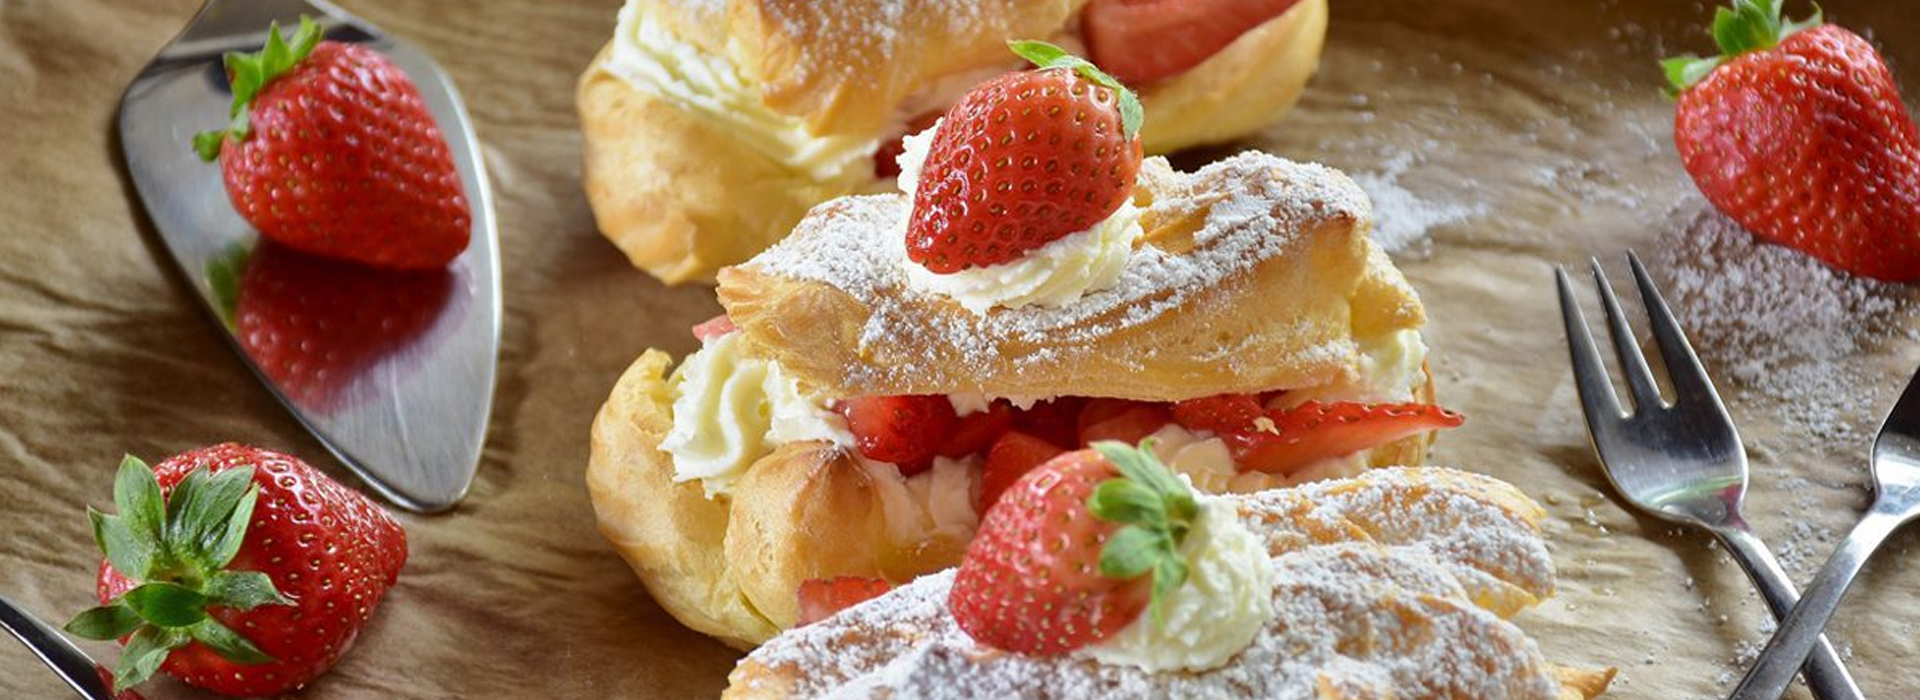 Erdbeer-Eclairs